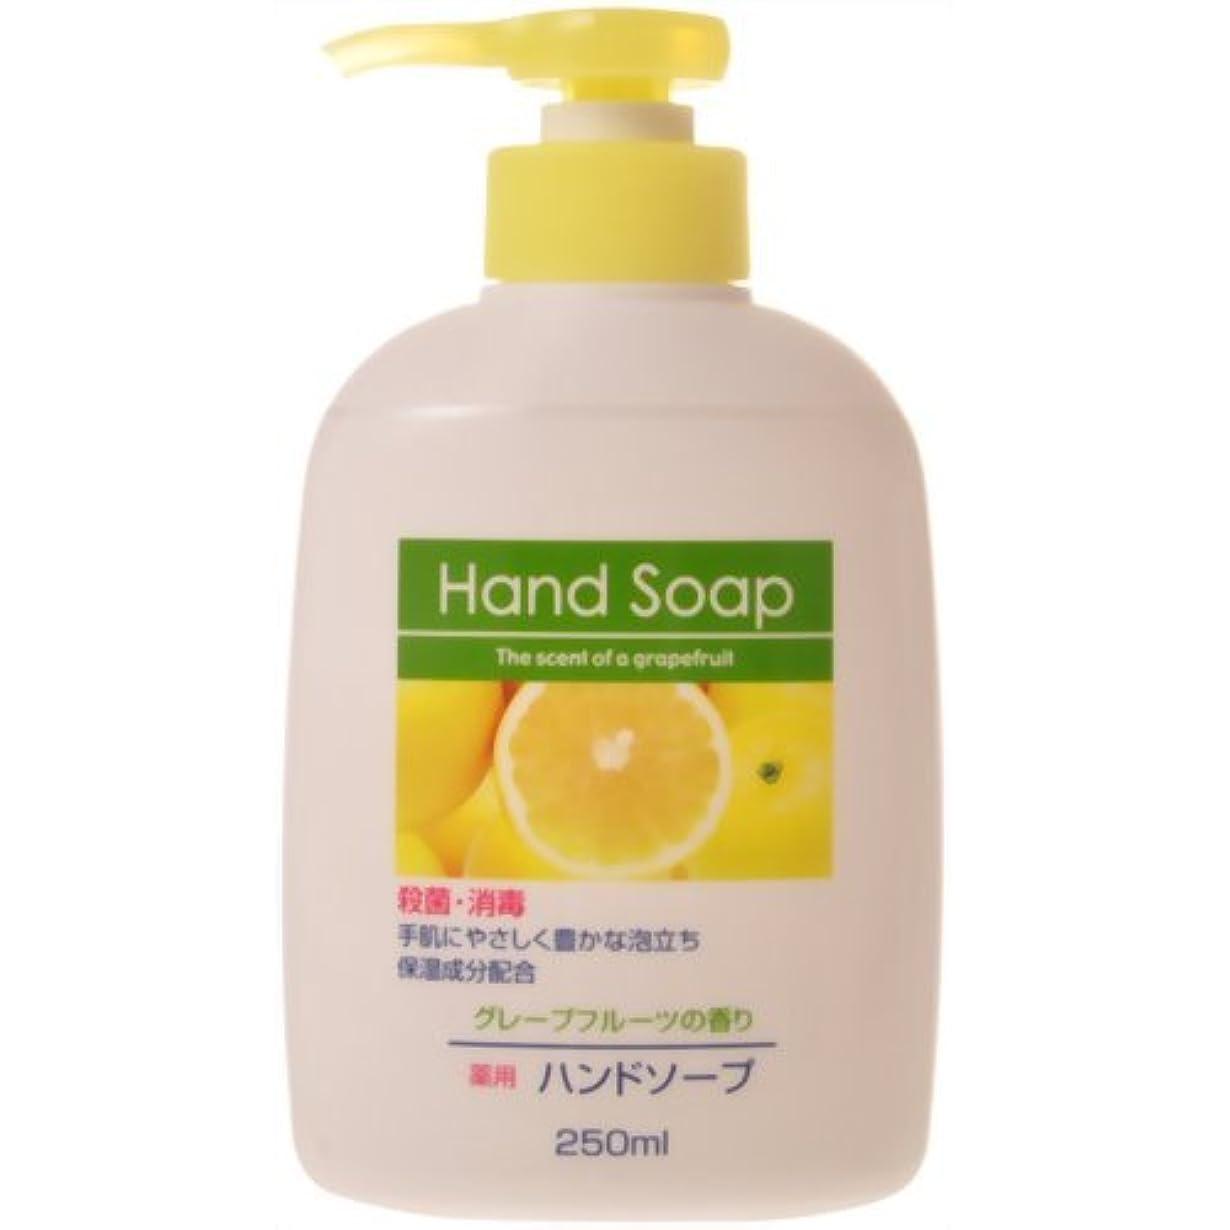 準備季節トライアスロン薬用ハンドソープ グレープフルーツの香り 本体 250ml